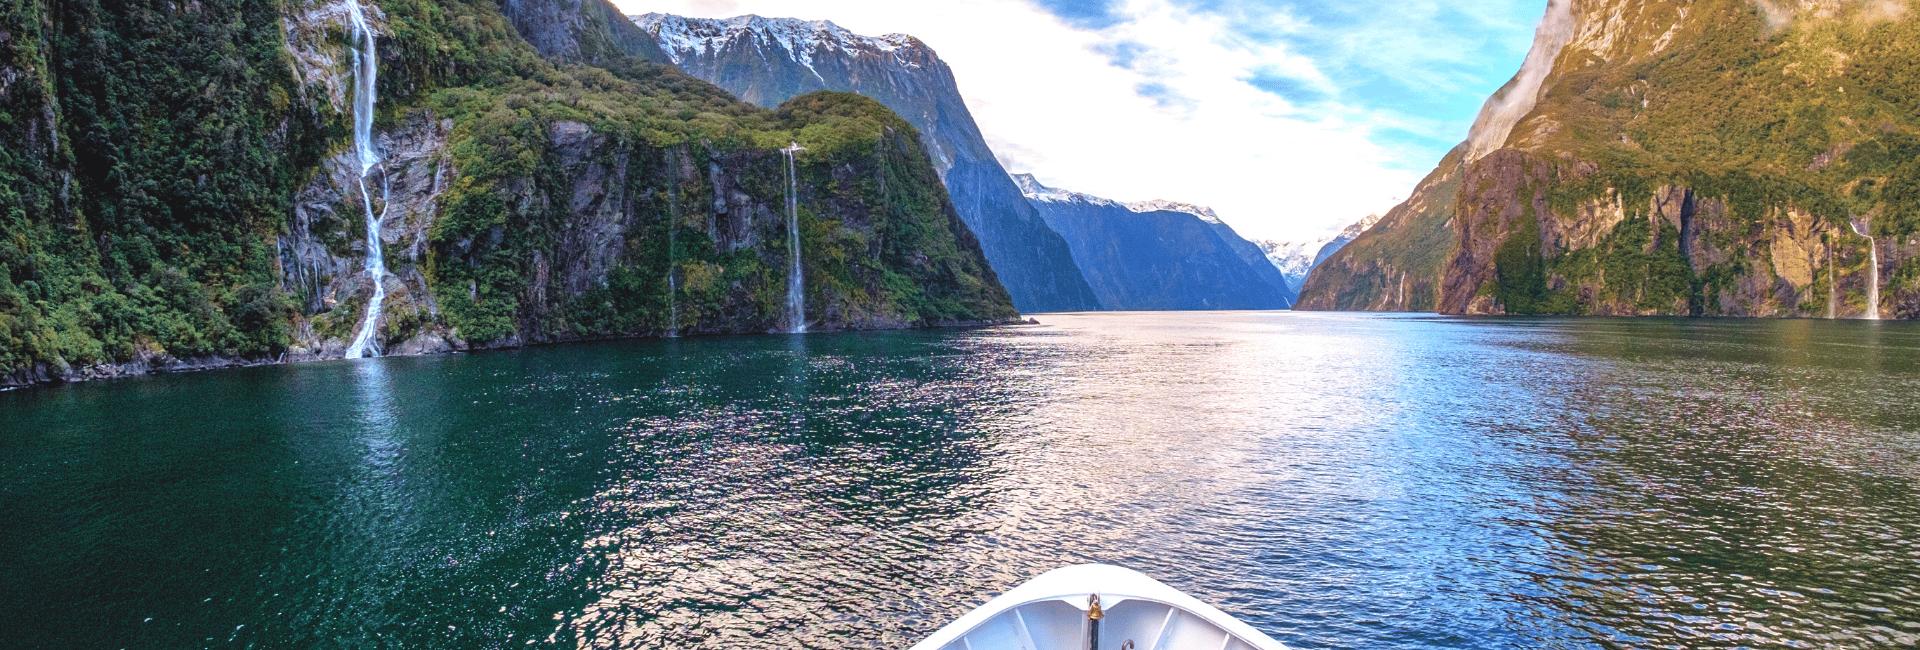 Få et overblik over vores håndplukkede udflugter i New Zealand - Risskov Rejser